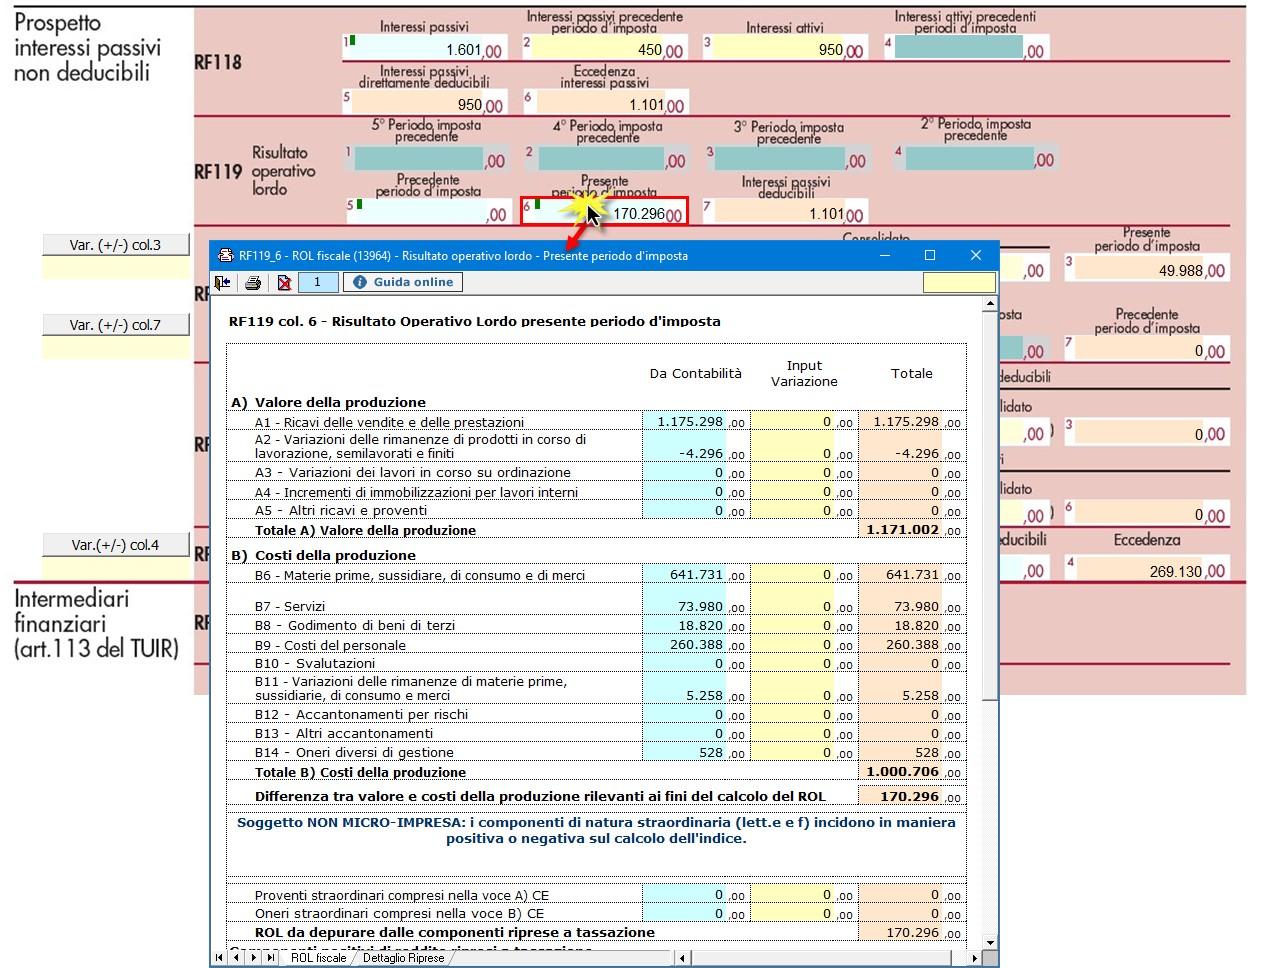 Redditi 2020: deducibilità degli interessi passivi per i soggetti IRES - Determinazione ROL fiscale